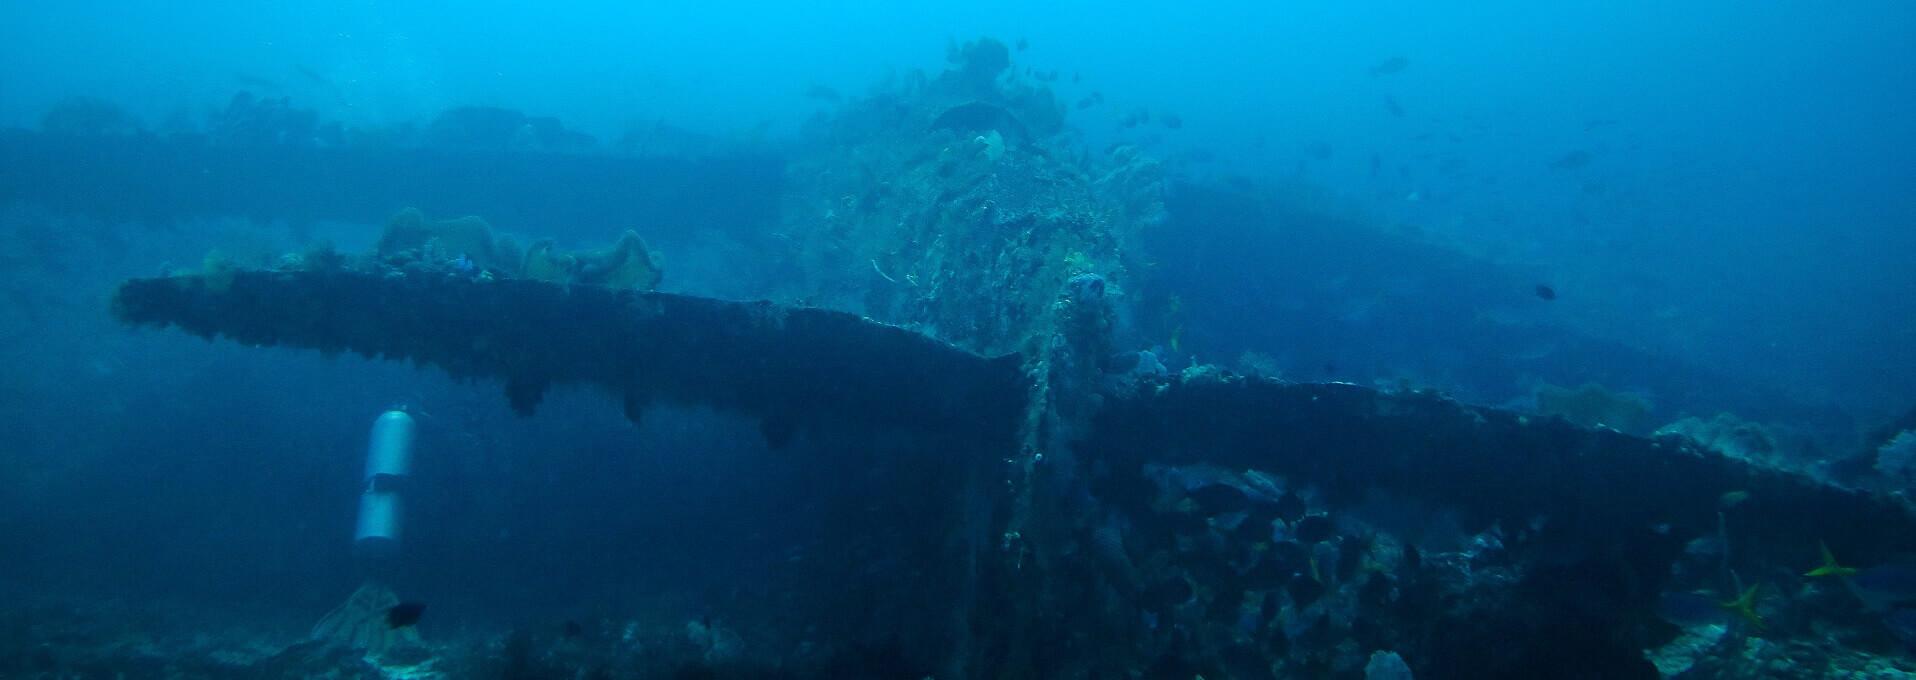 Dive An Underwater Plane Wreck